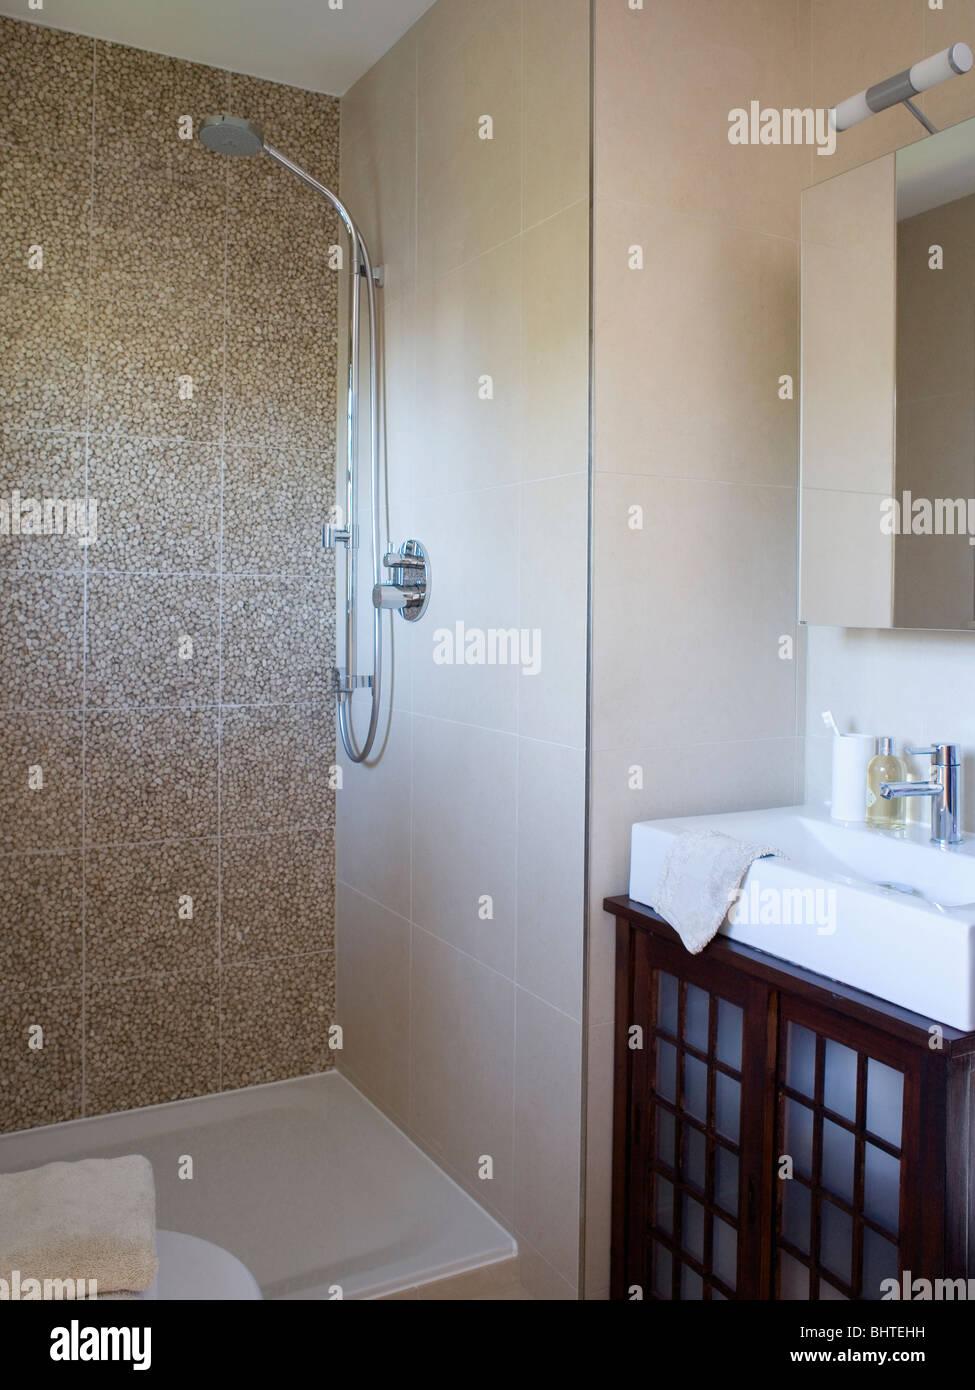 Geflieste Duschen Chromdusche In Beige Granit Geflieste Duschkabine